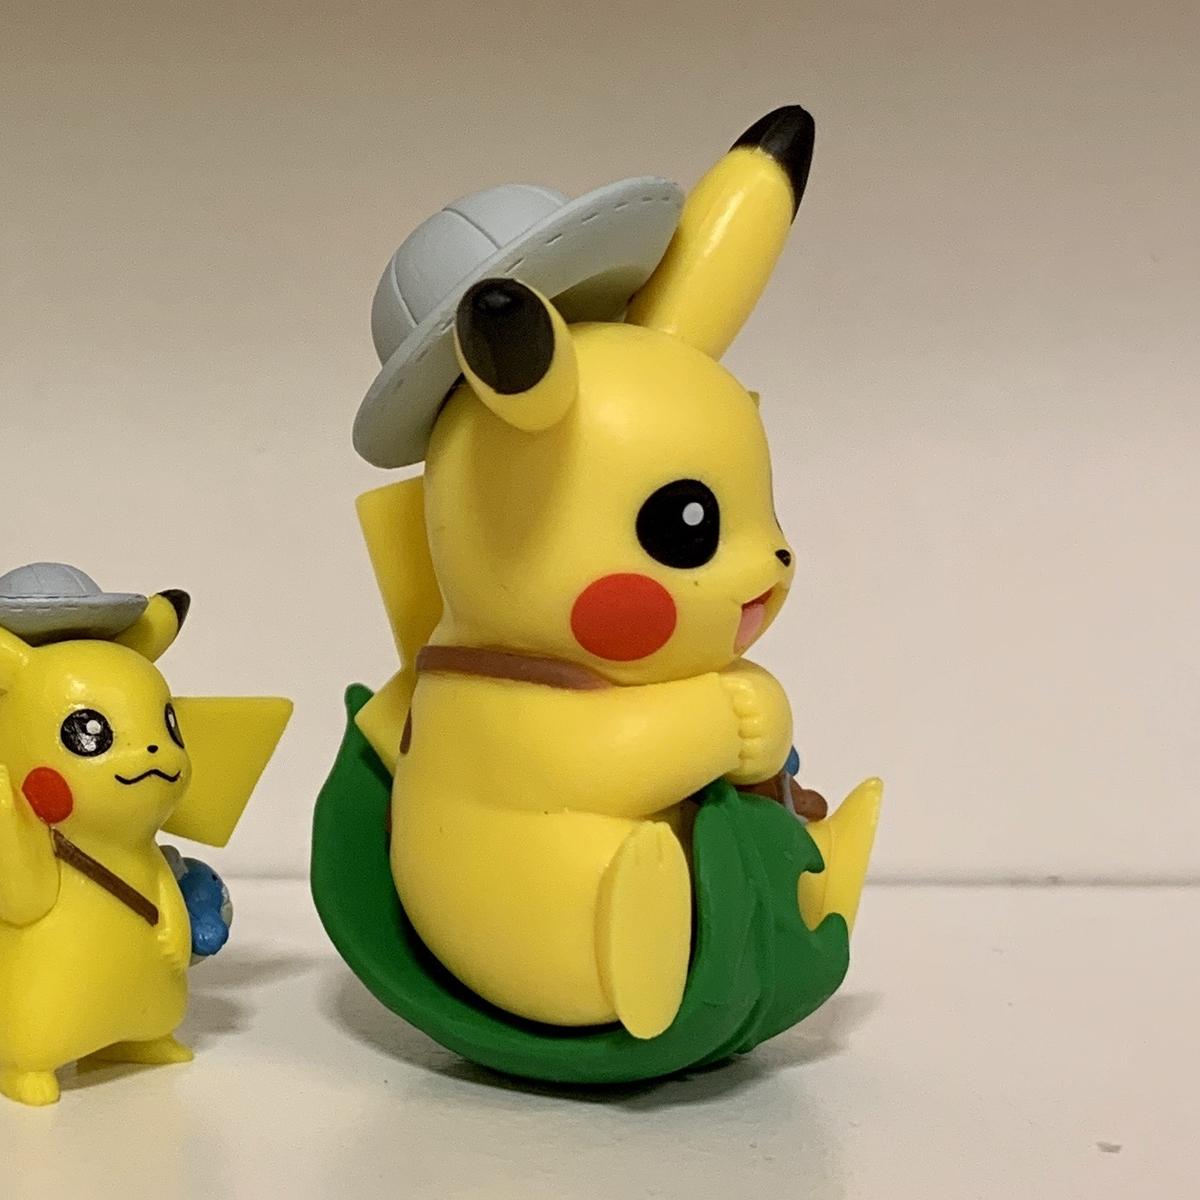 f:id:pikachu_pcn:20200715222014j:plain